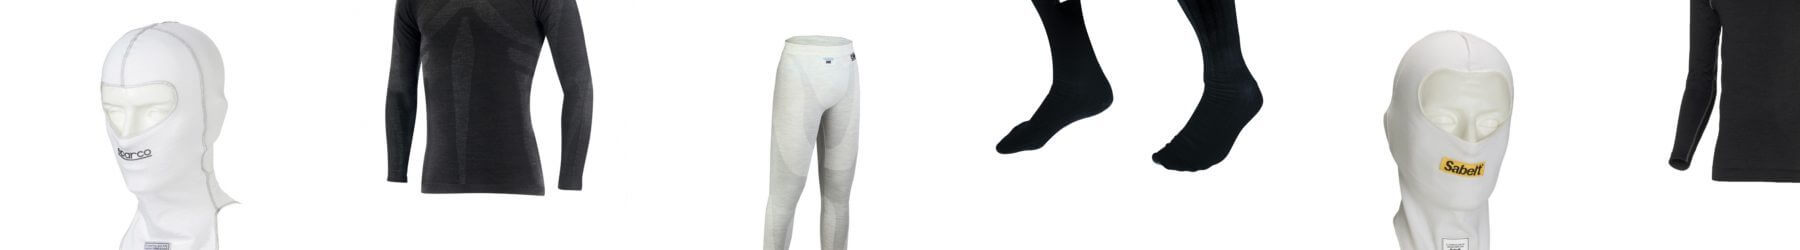 Racing Underwear